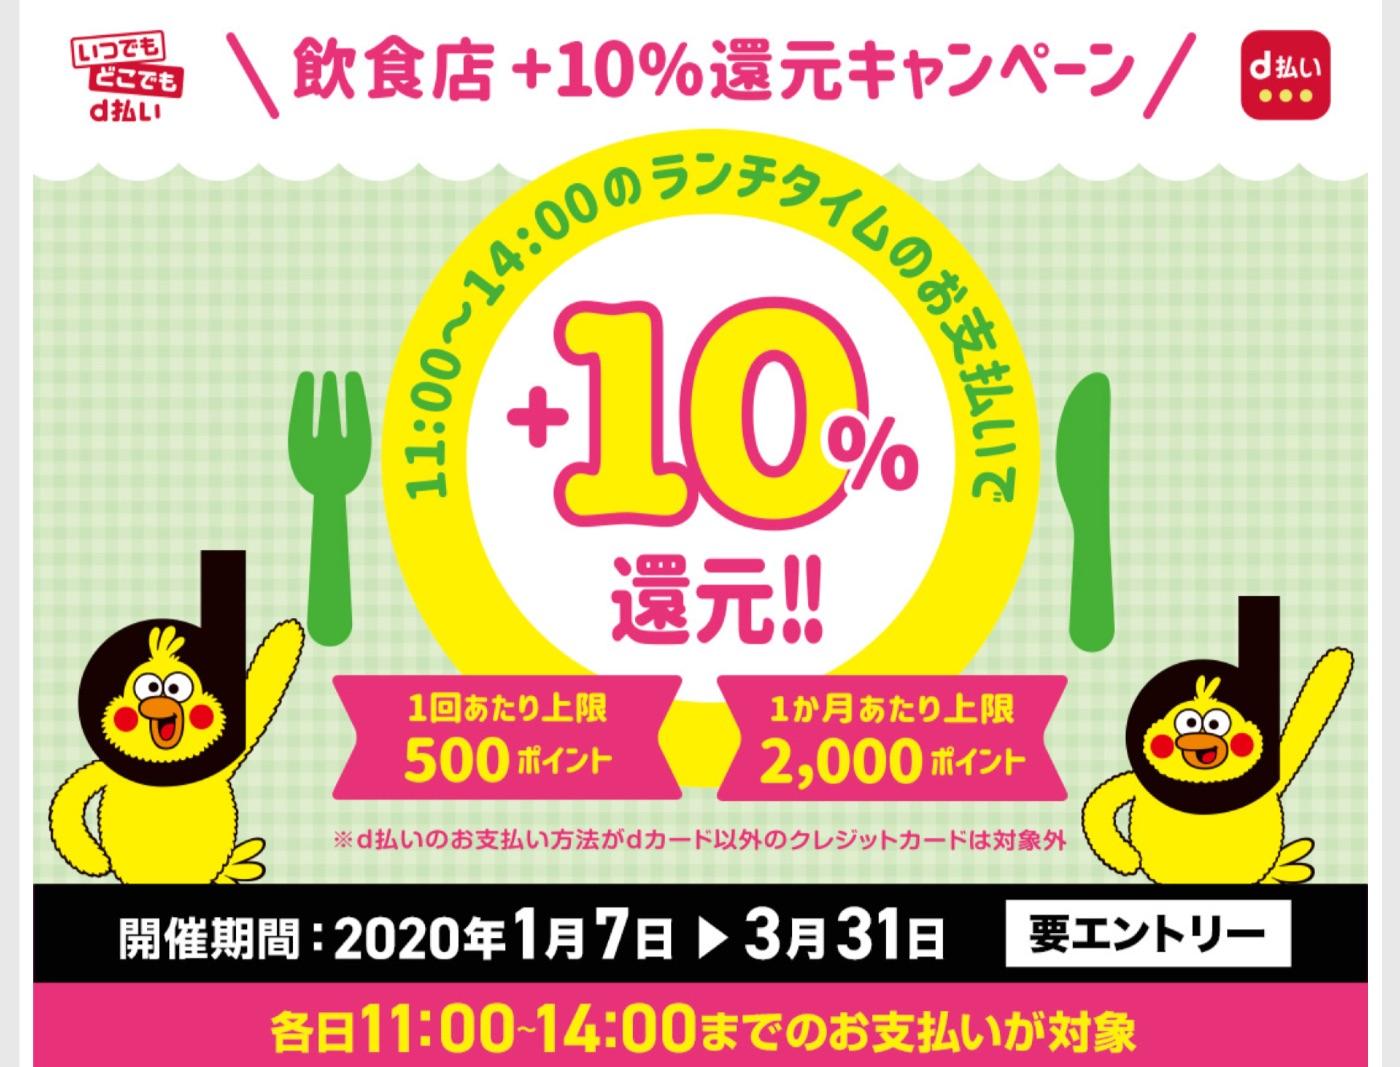 【飲食店限定】d払い10%還元キャンペーン | d払い - かんたん、便利なスマホ決済